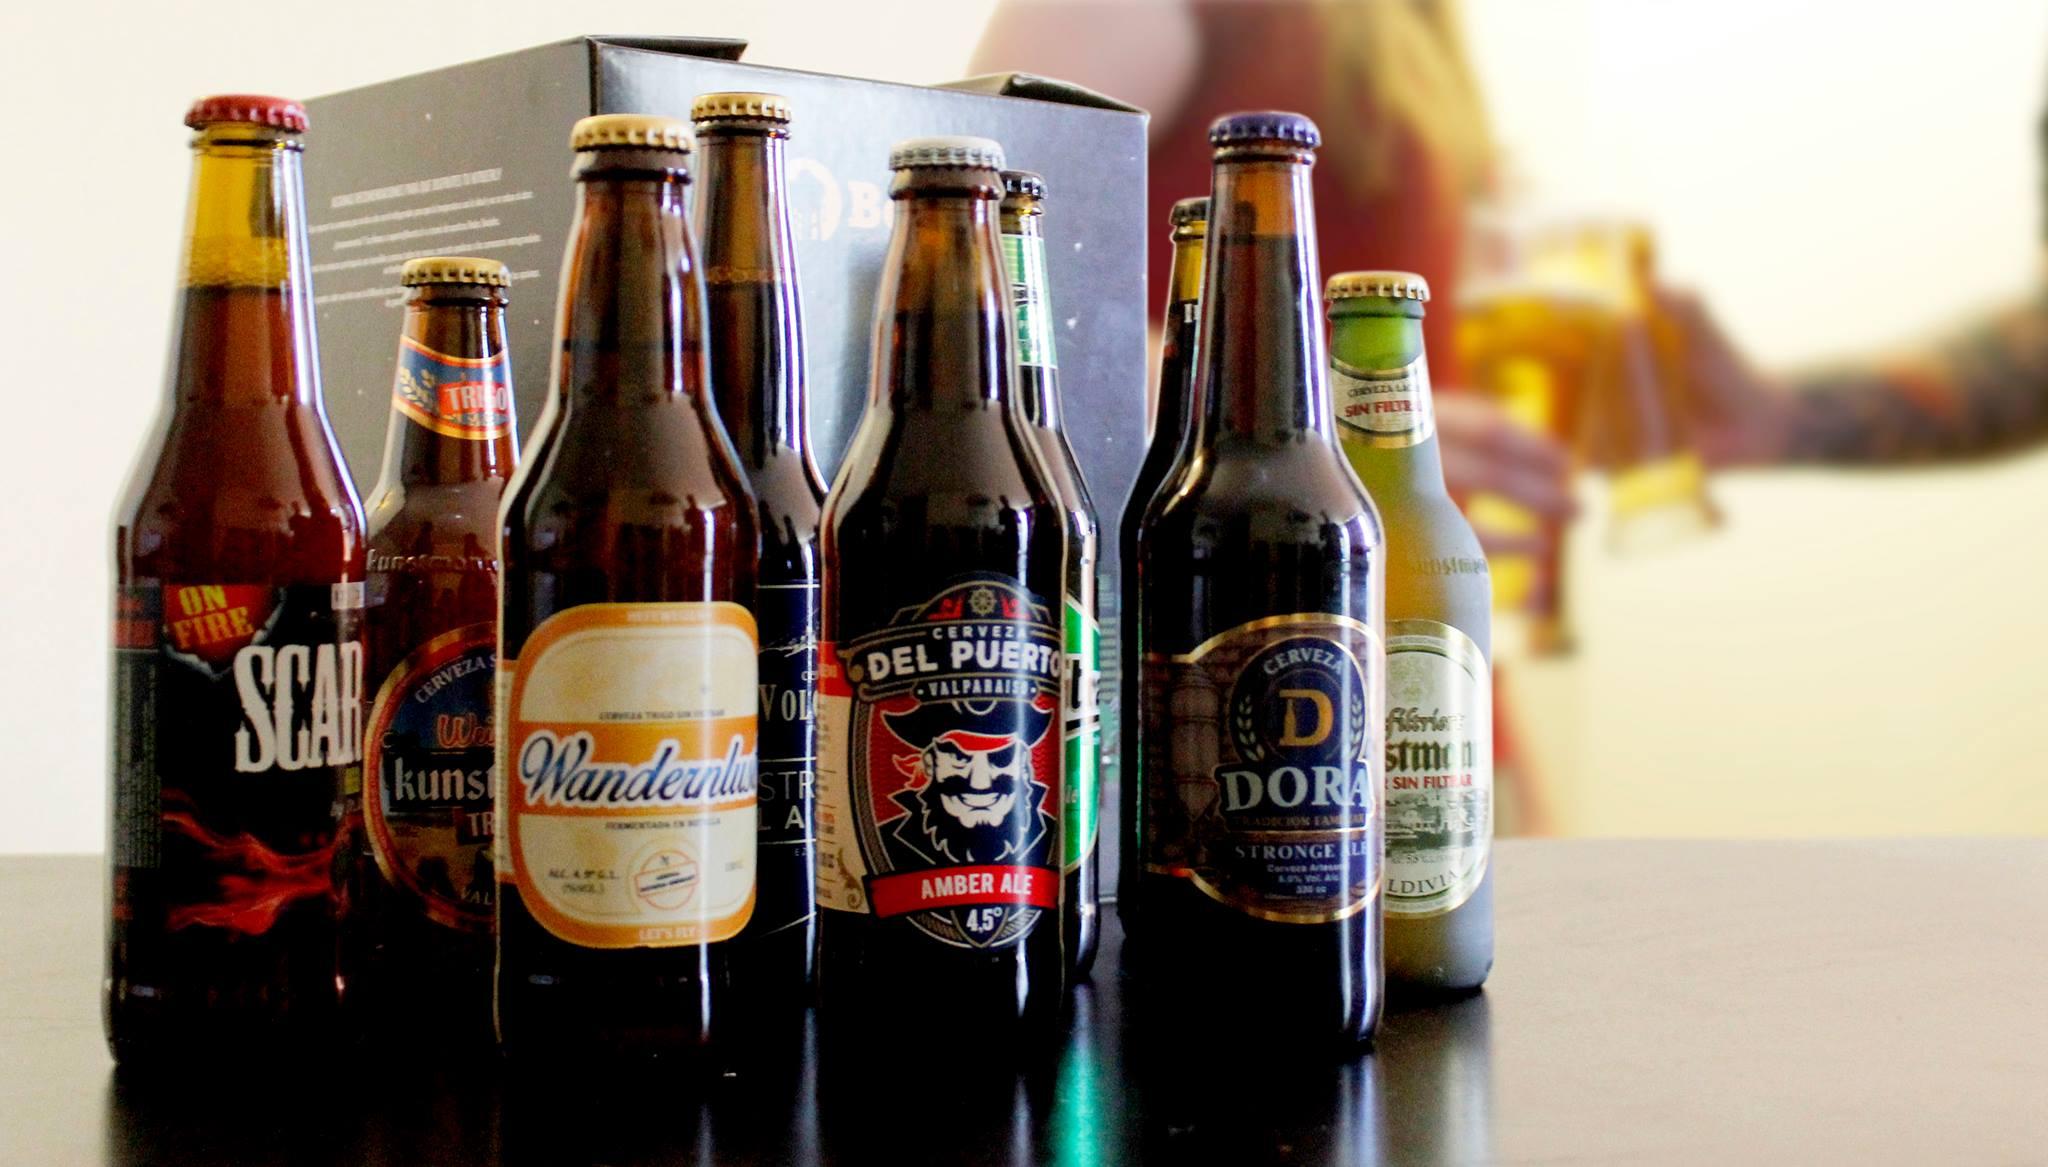 Las cervezas artesanales nacionales salen en busca del mercado internacional.